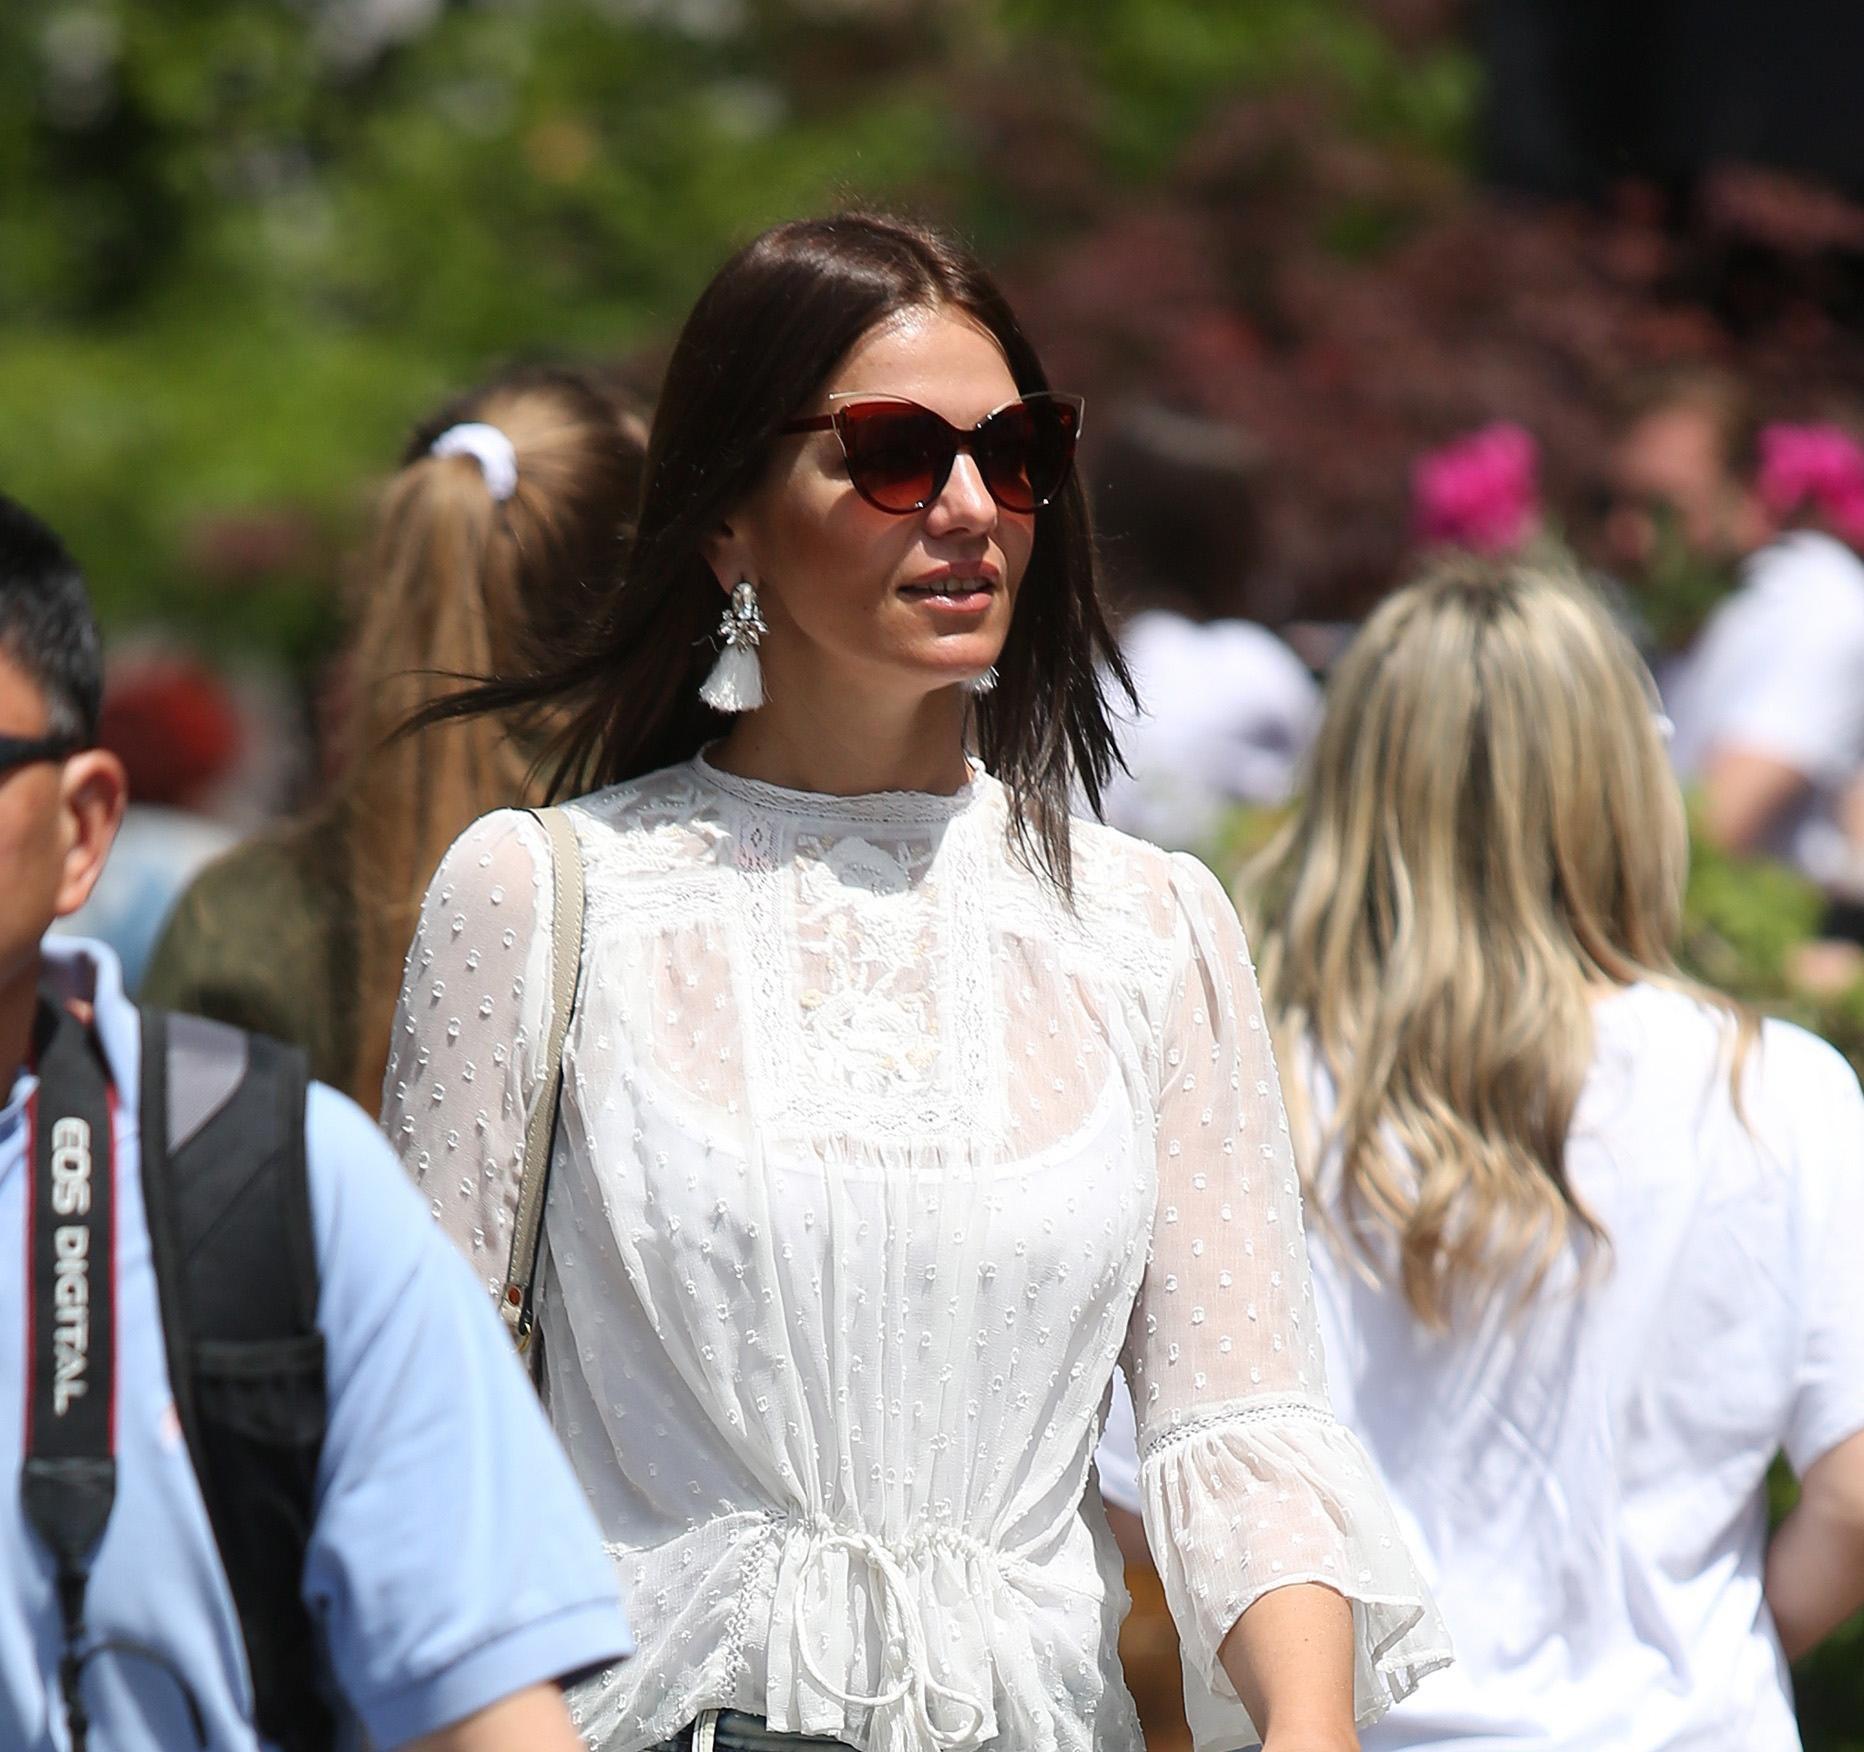 Zgodna dama iz centra Zagreba nosi komade s kojima u proljeće - nema greške!